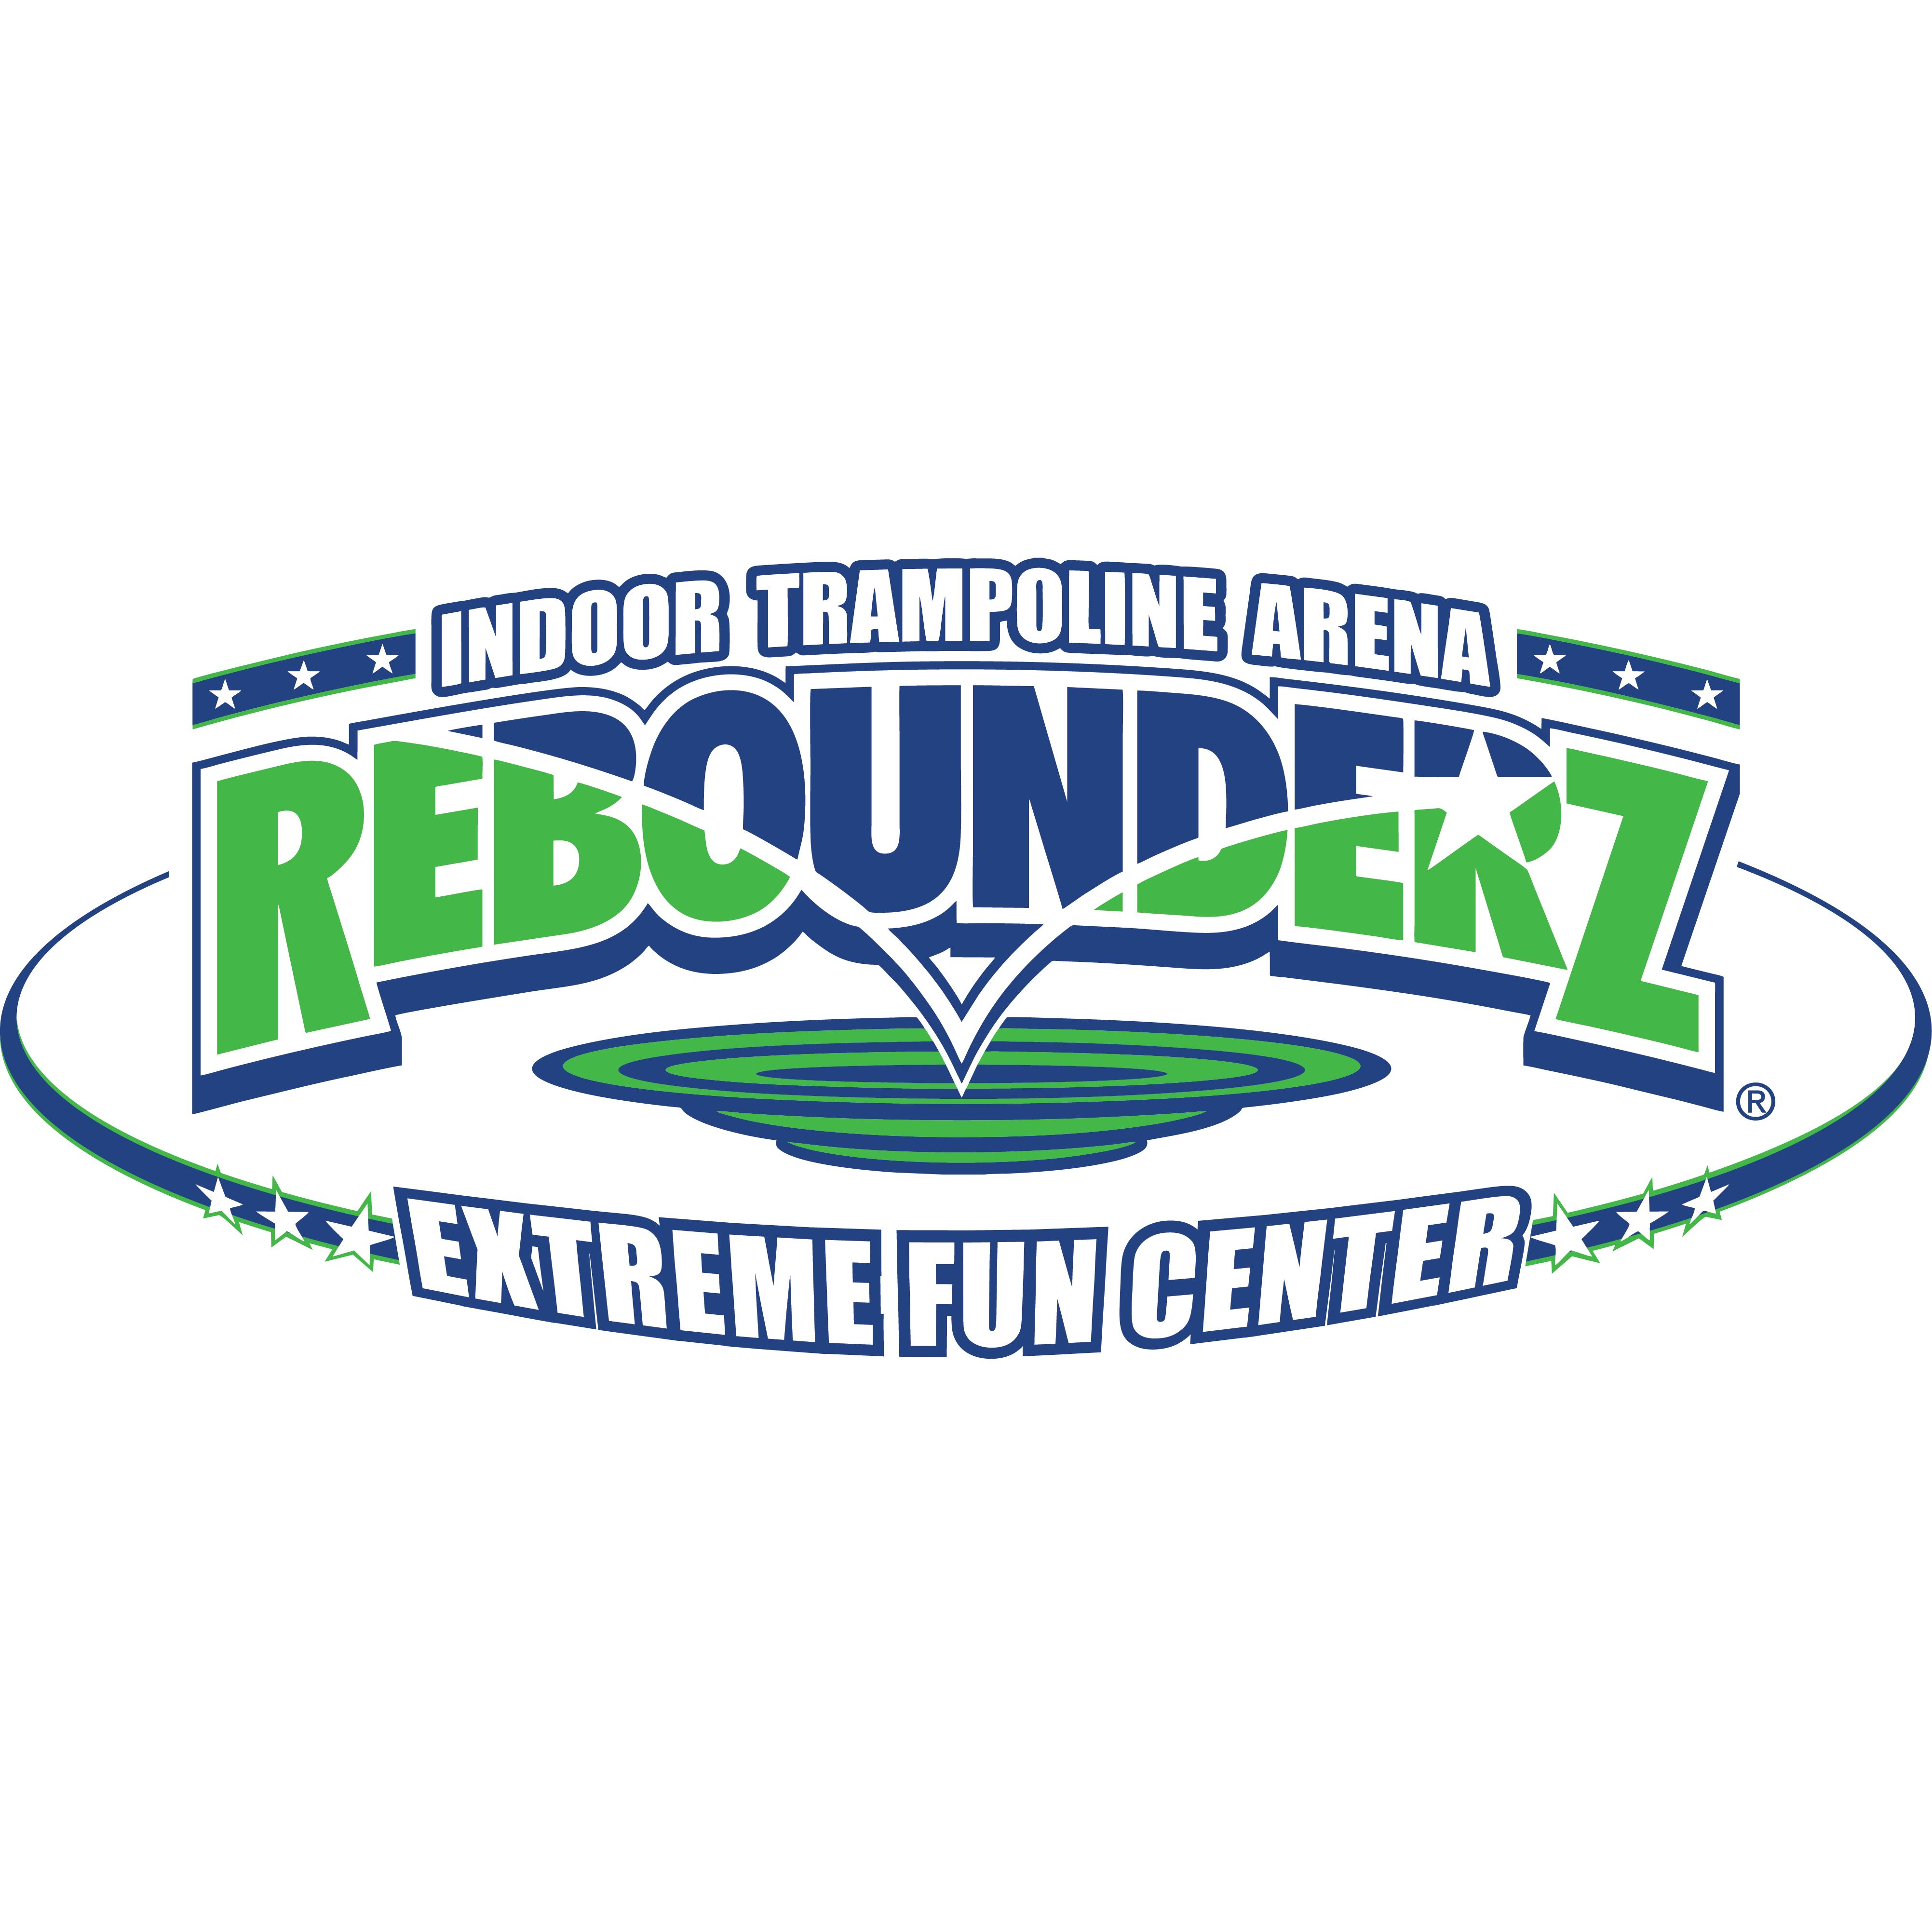 Rebounderz Indoor Trampoline Park Newport News in store coupons app near me